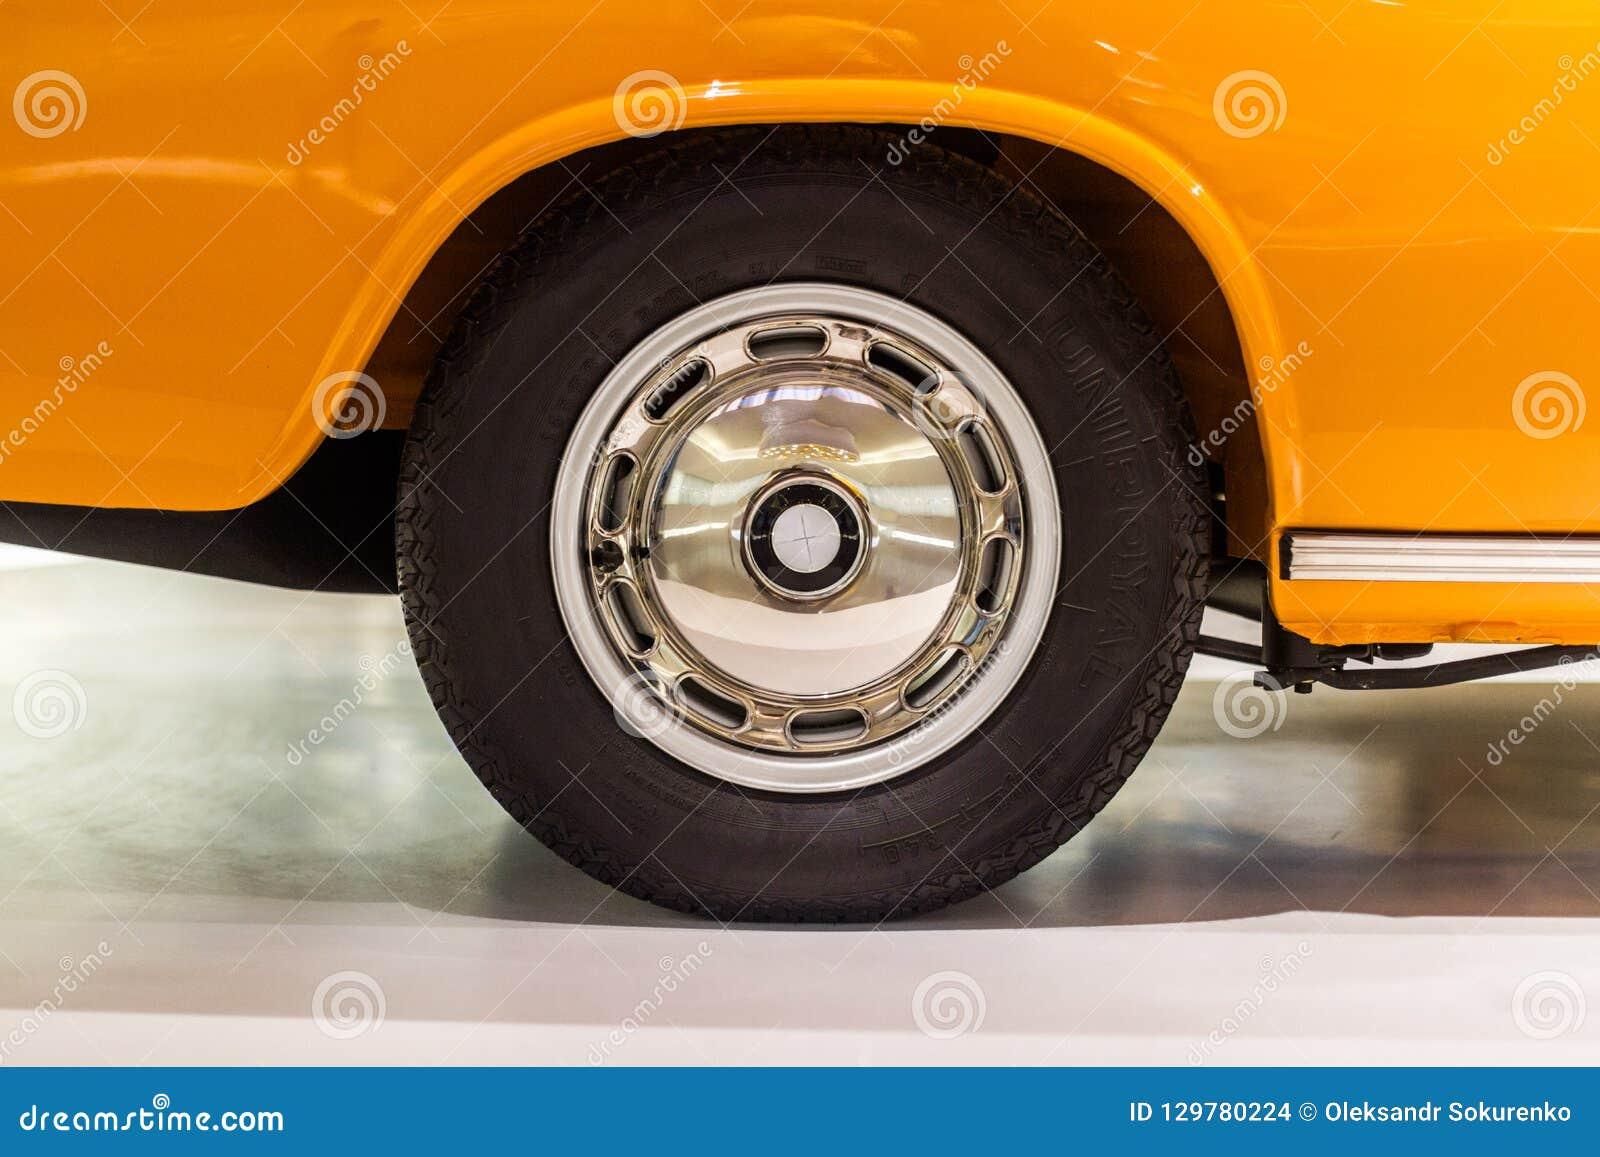 与黑葡萄酒轮子的优美的汽车外缘在橙色汽车